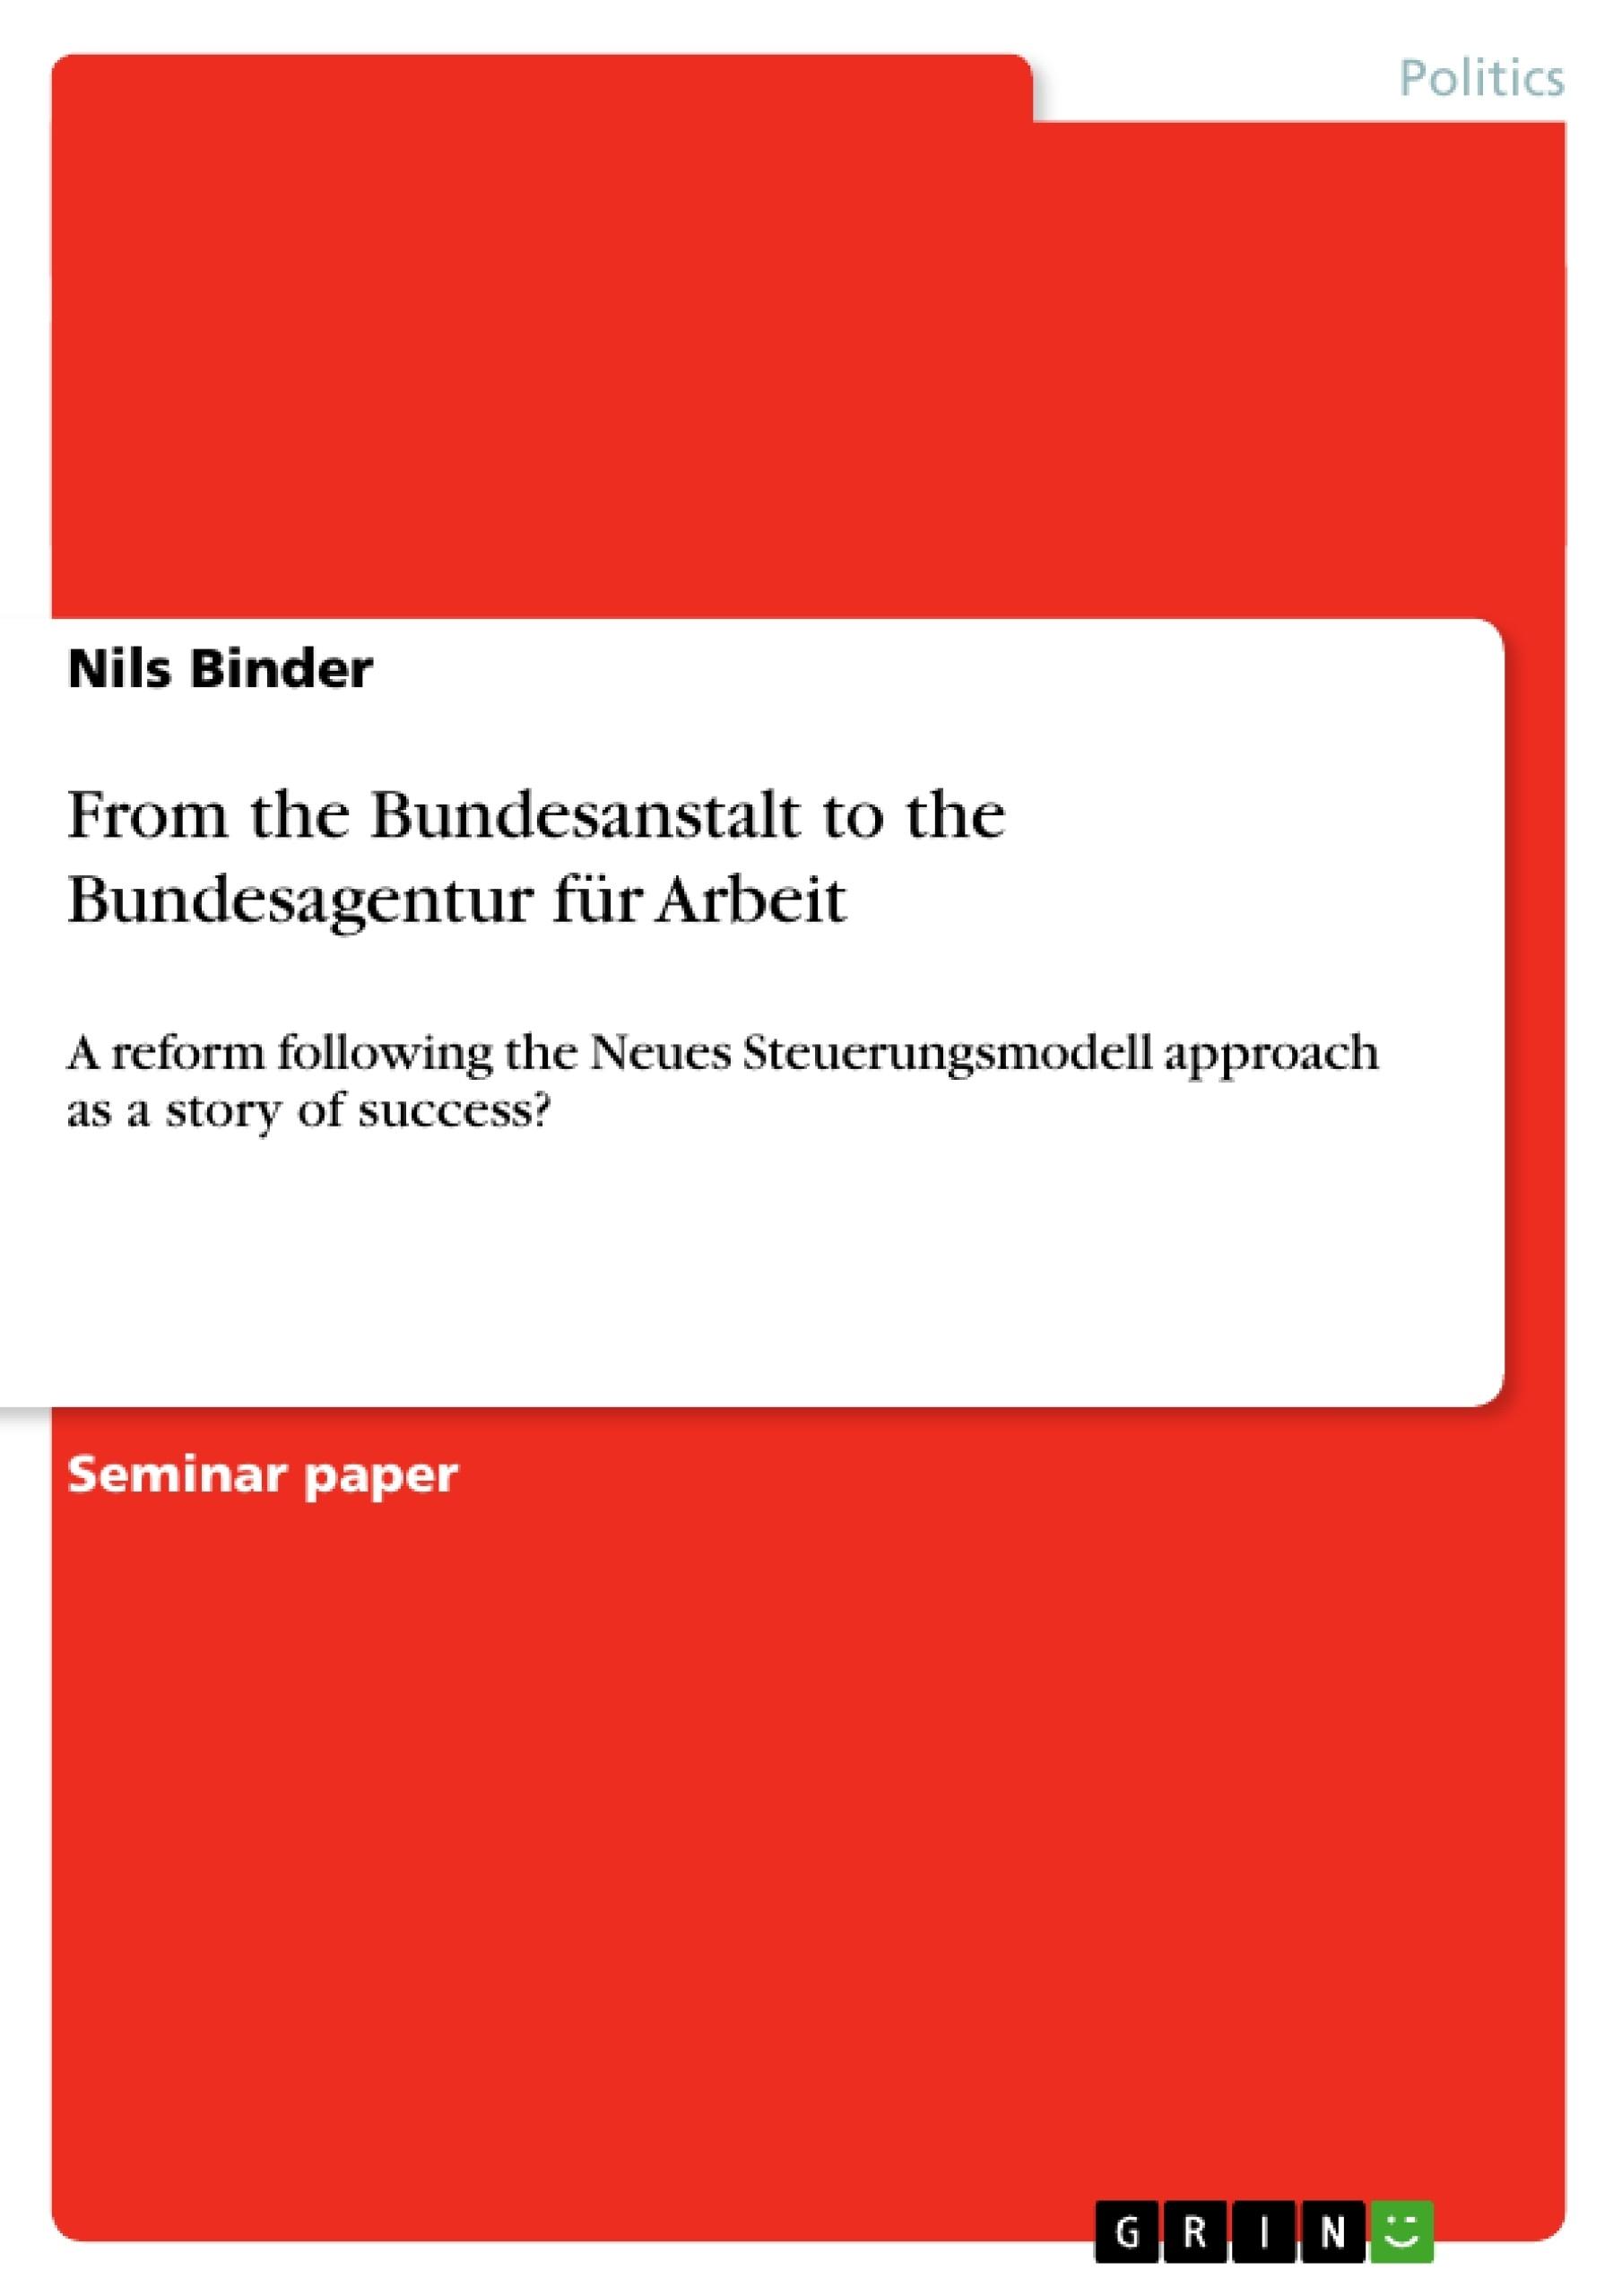 Title: From the Bundesanstalt to the Bundesagentur für Arbeit